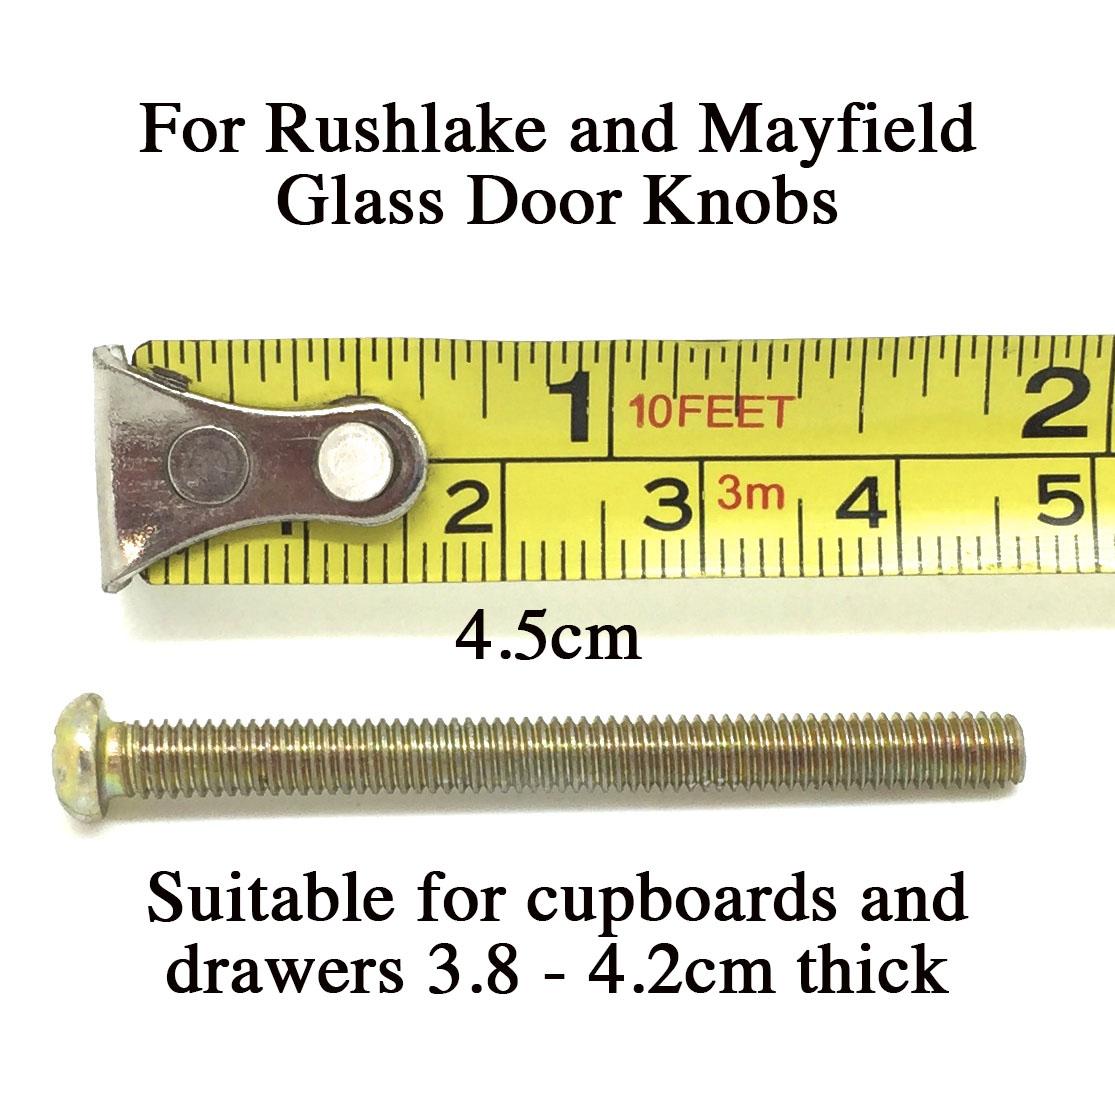 4.5cm Bolt for Glass Knobs